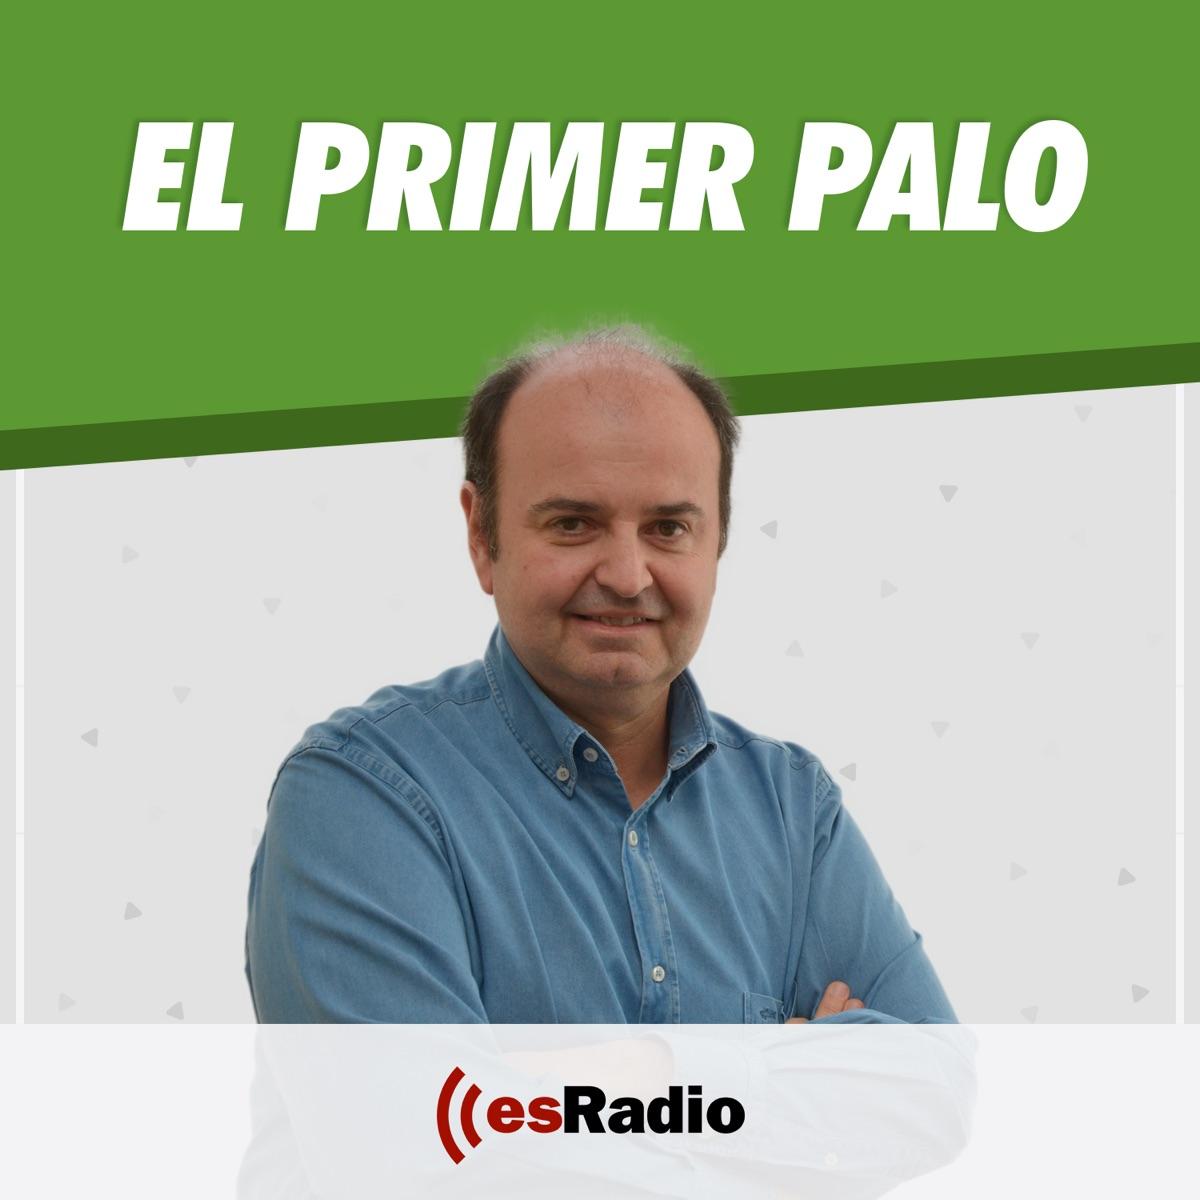 El Primer Palo